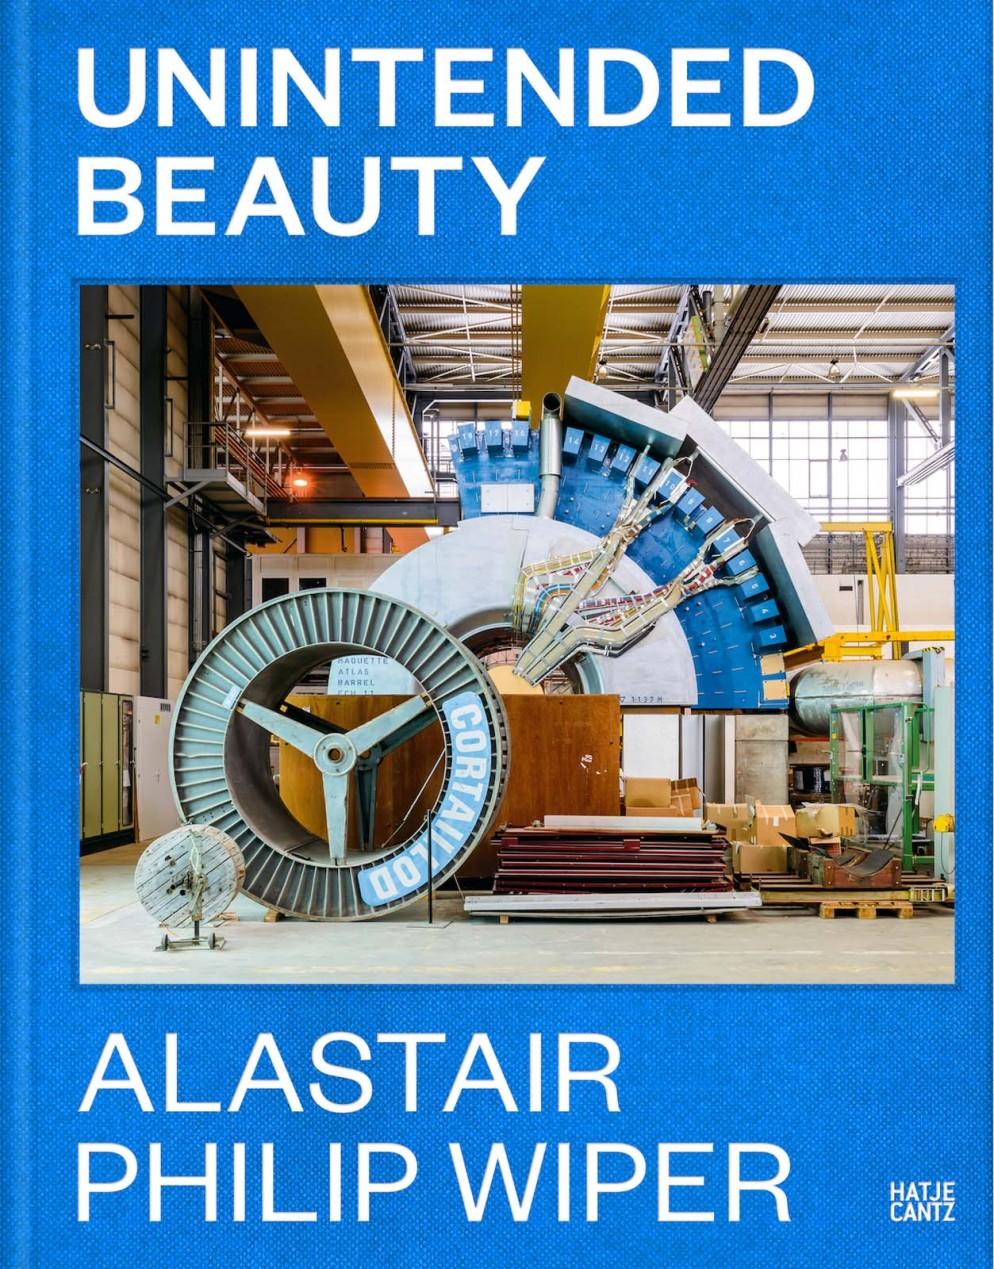 libro-unintended-beauty-cantieri-cern-fabbriche-impianti-energetici-06